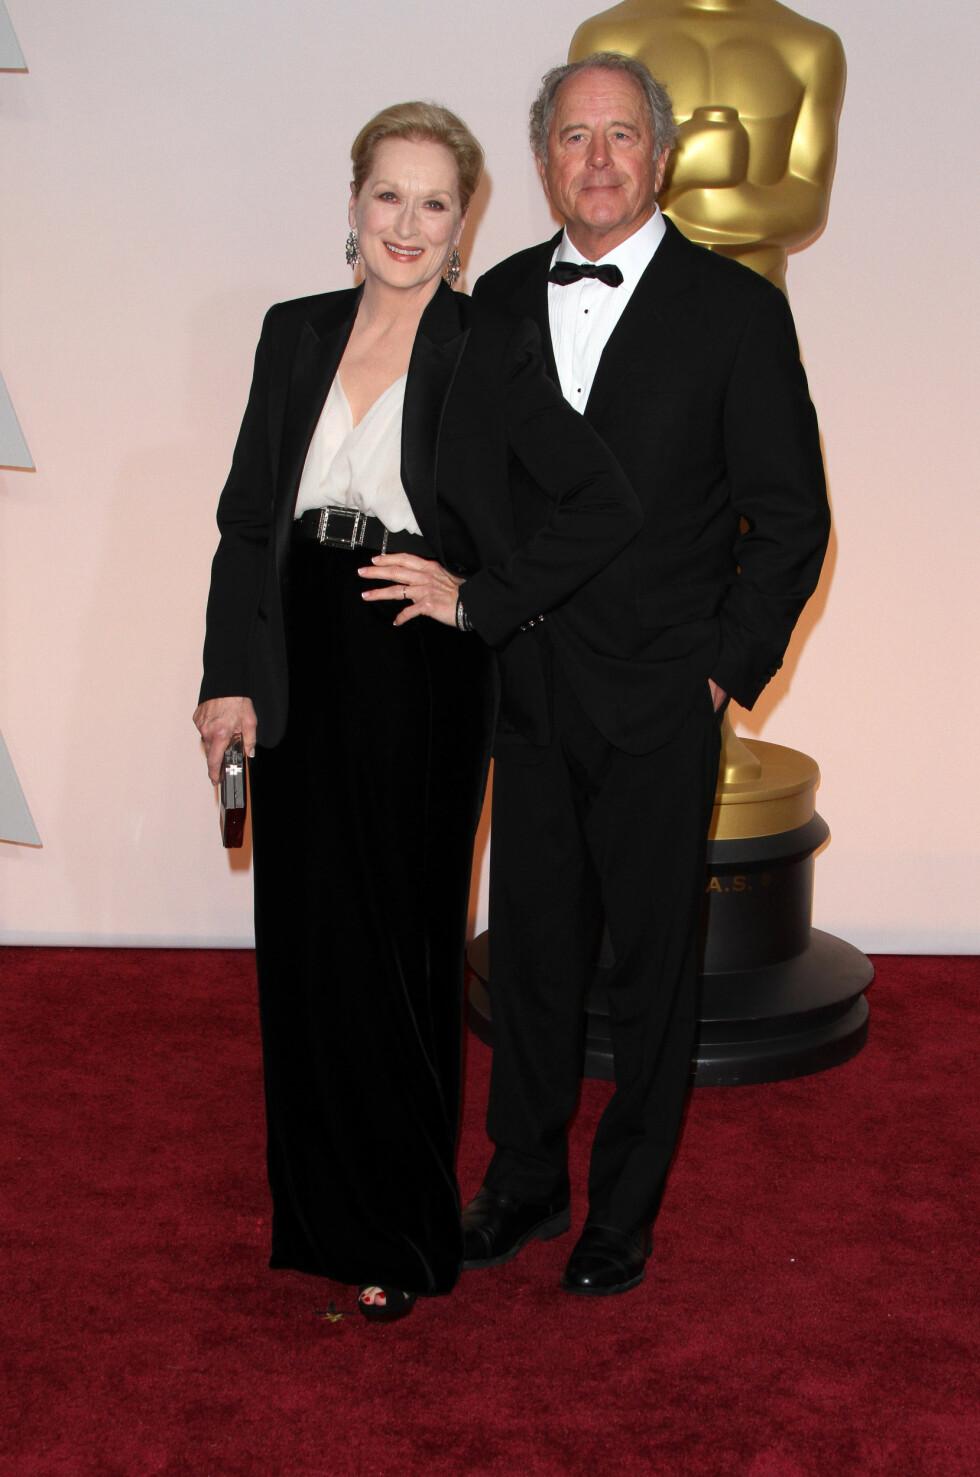 SAMMEN i 37 ÅR: Meryl Streep og Don Gummer giftet seg i 1978 i hjemmet til foreldrene til Meryl på Mason's Island i Connecticut. Foto: wenn.com